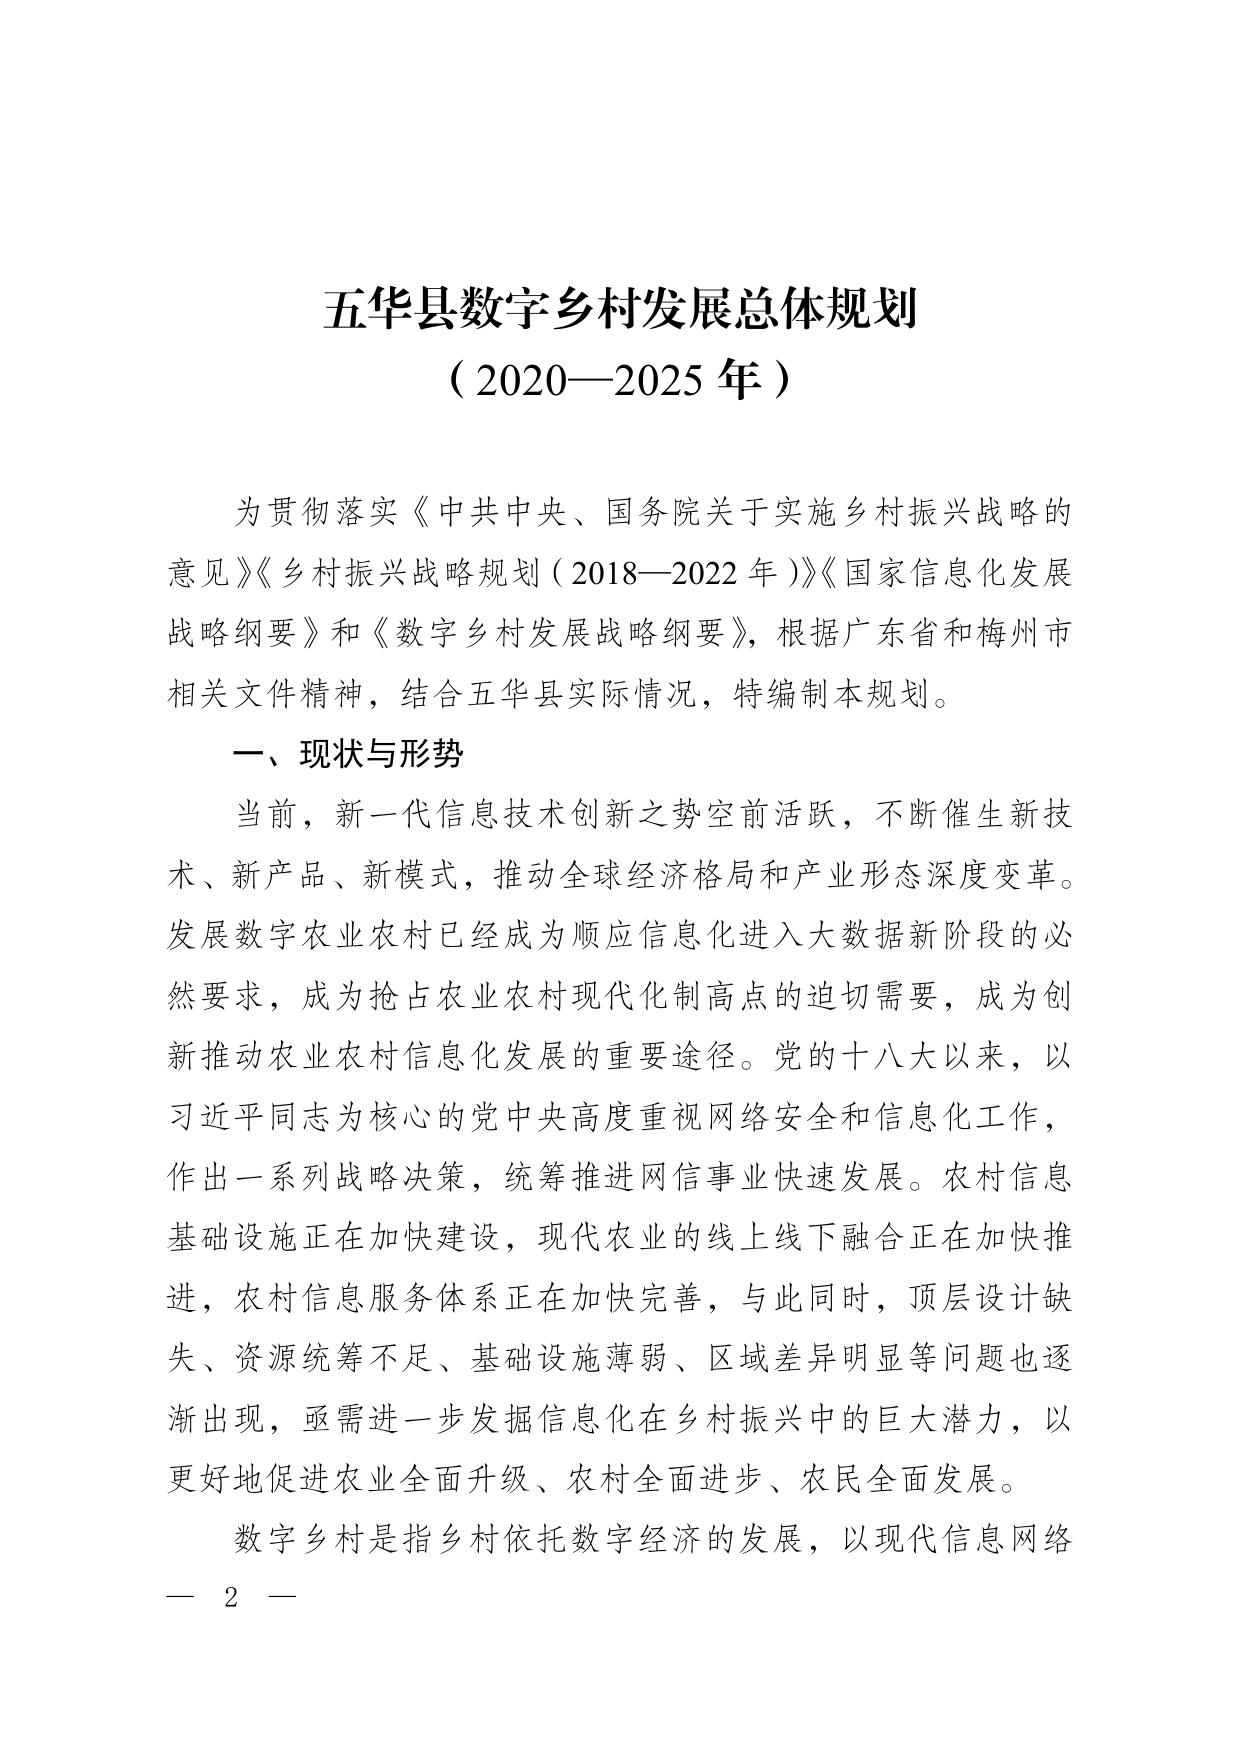 华办函〔2020〕5号关于印发《五华县数字乡村发展总体规划(2020—2025年)》的通知0001.jpg